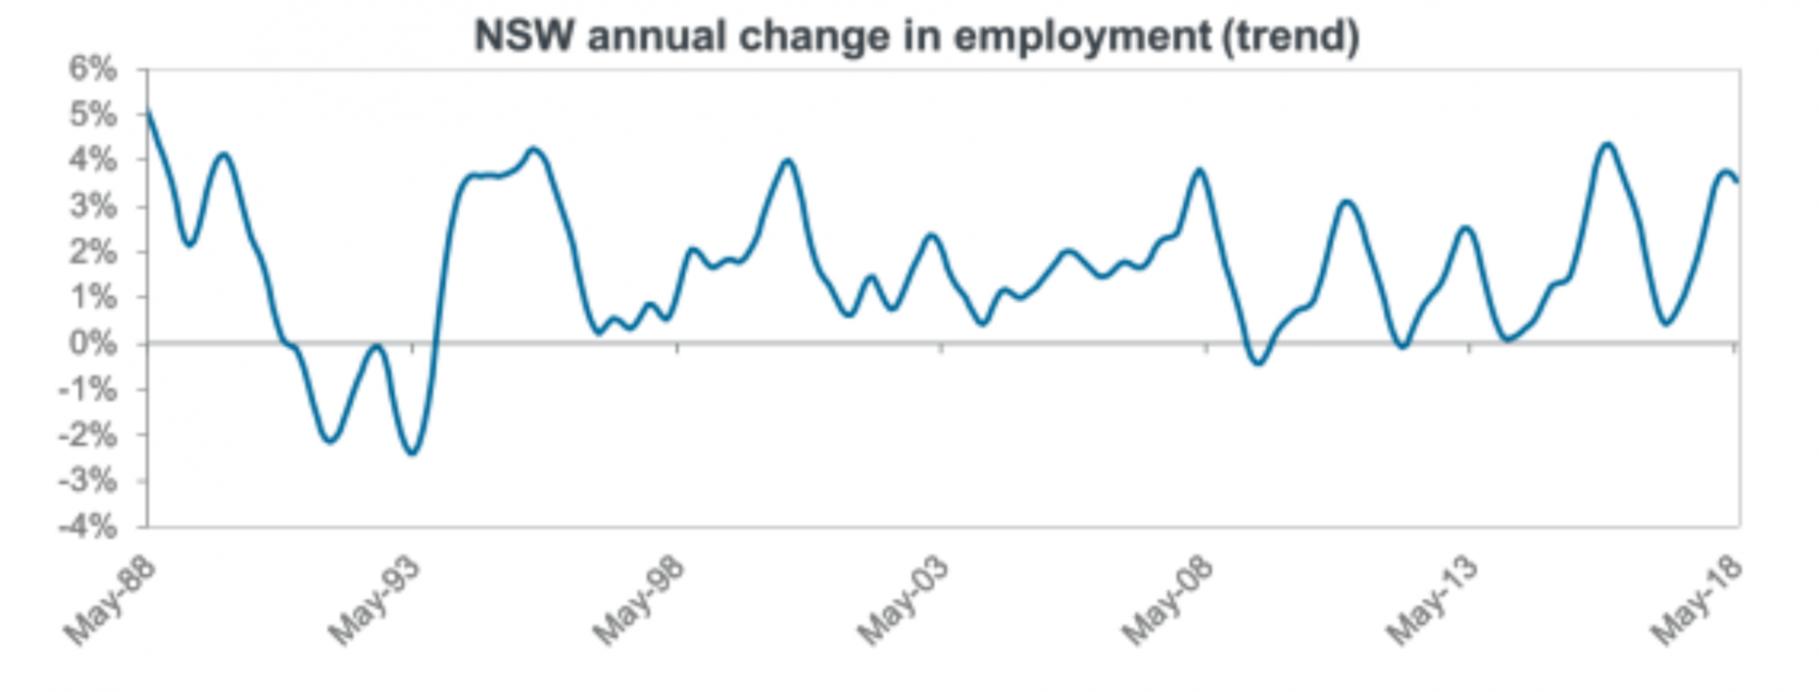 Sydney employment growth